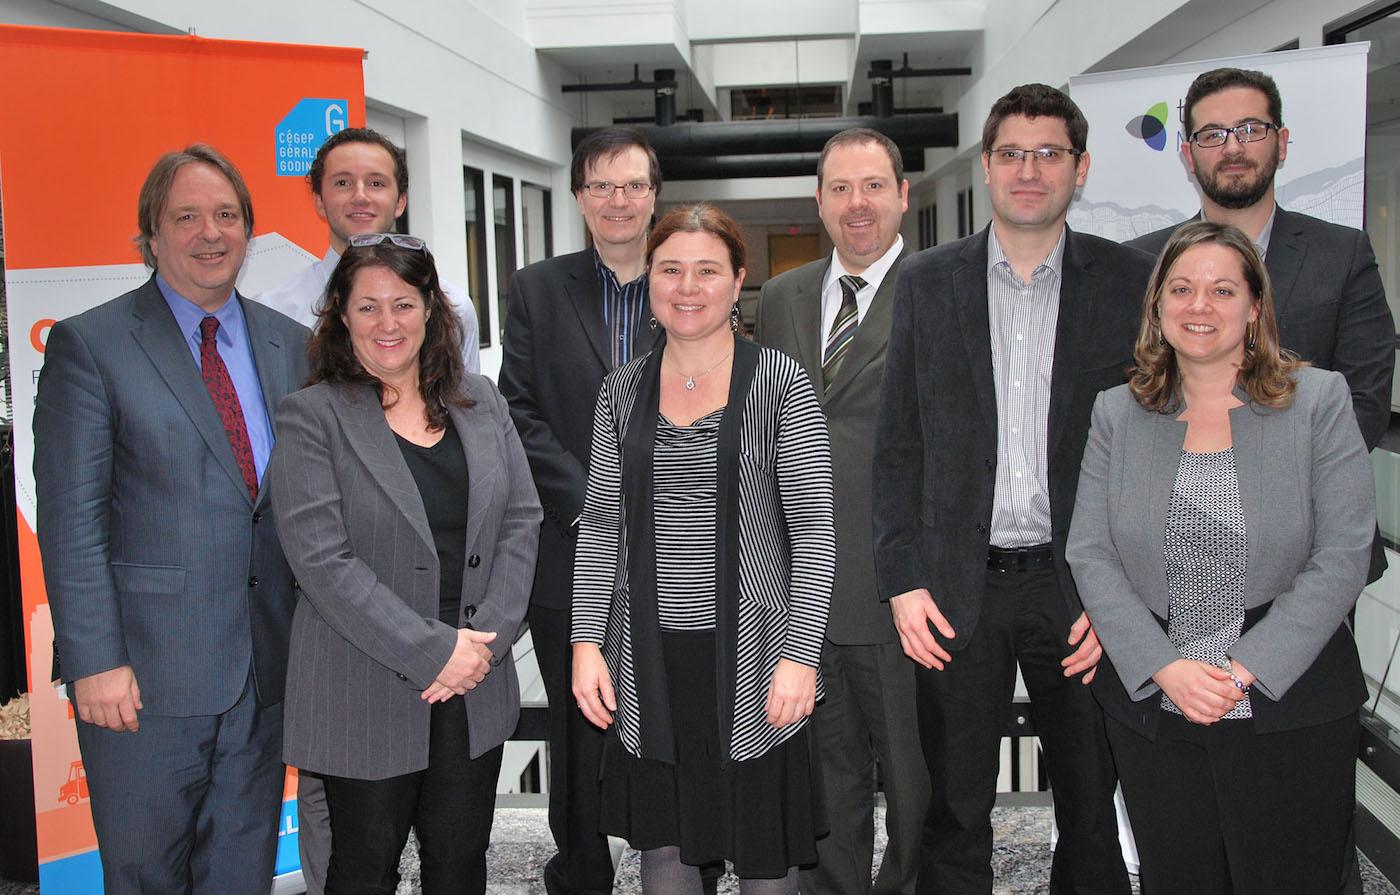 Réunis pour le lancement de CRÉE TA VILLE, de gauche à droite : Christian Roy, Cégep Gérald-Godin; Mike Boutin, Cégep Gérald-Godin; Lidia Divry, TechnoMontréal; Pierre Boucher, Ericsson Canada; Isabelle Provost, Cégep Gérald-Godin; Patrick Leblanc, CGI; Bernard LeBeuf, Académie CHUM; Karine Lord, Cégep Gérald-Godin et Benoit Lévesque, C2 Innovations. (Groupe CNW/Cégep Gérald-Godin)